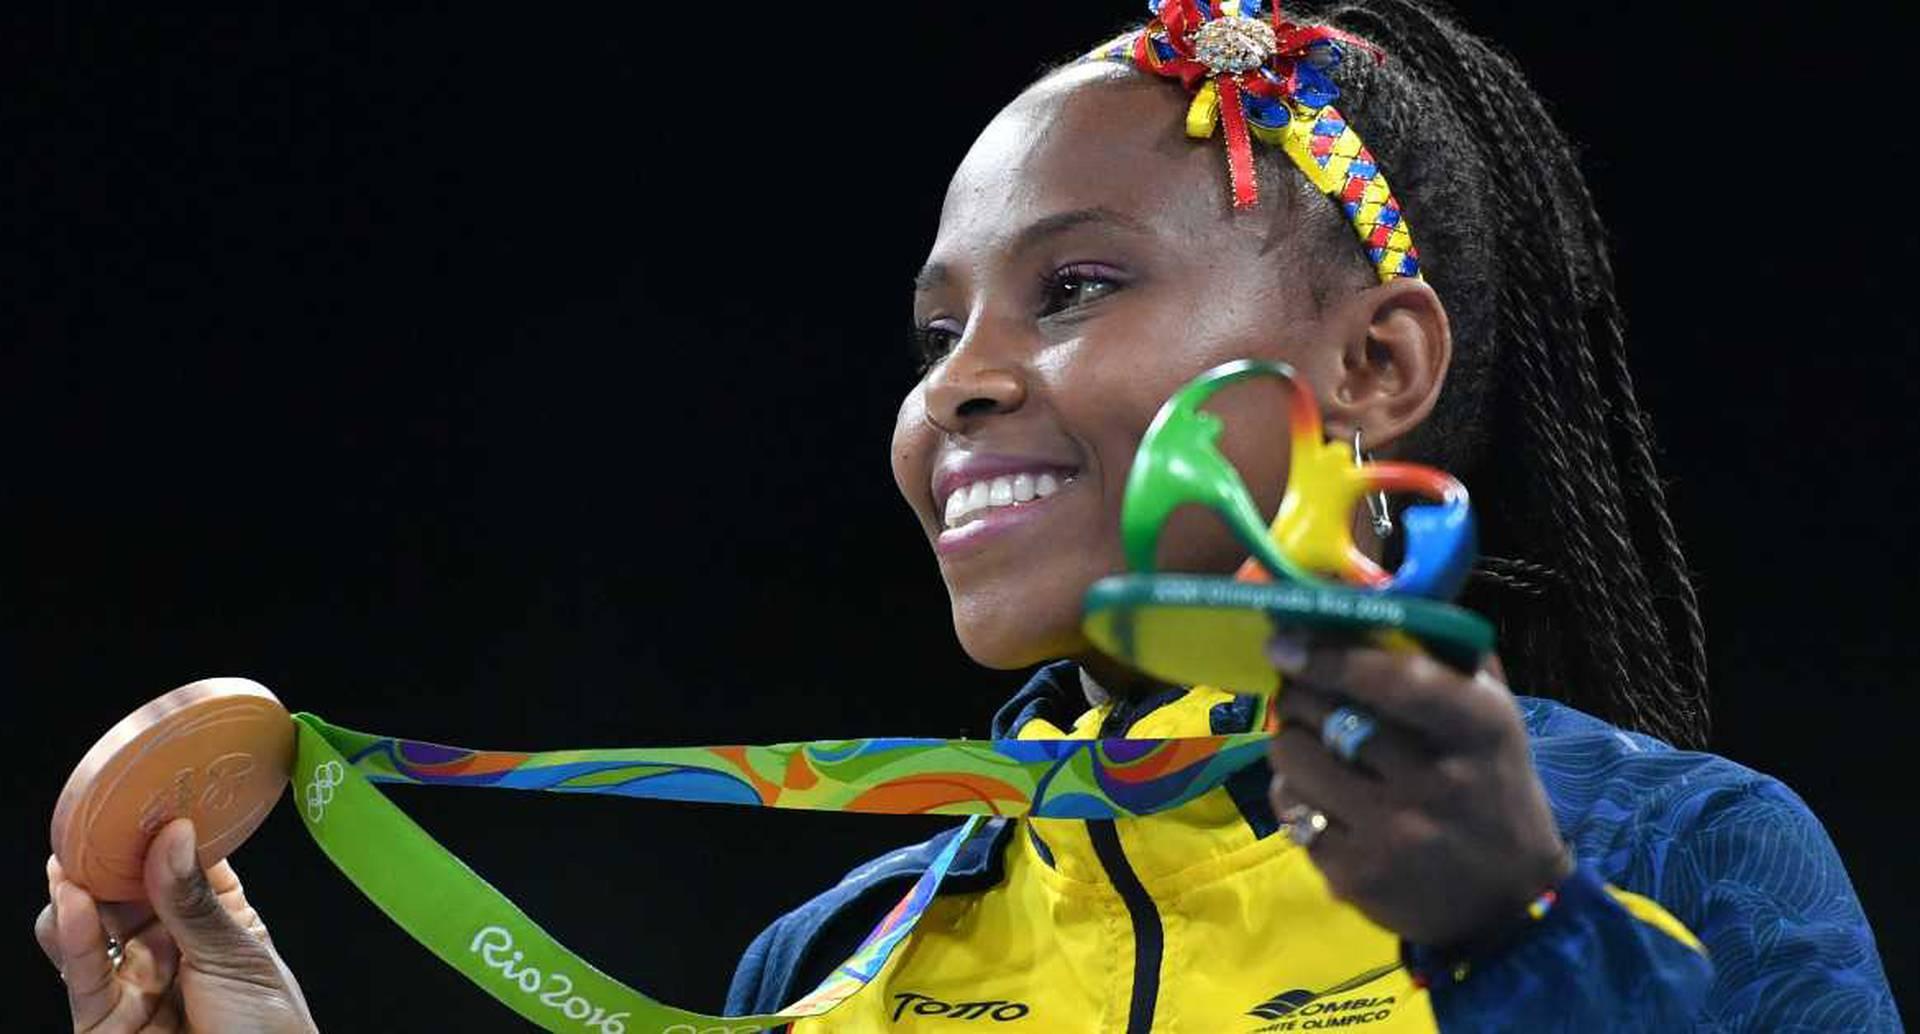 La alegría de Ingrit Valencia y su medalla de bronce. Yuri Cortez/ AFP